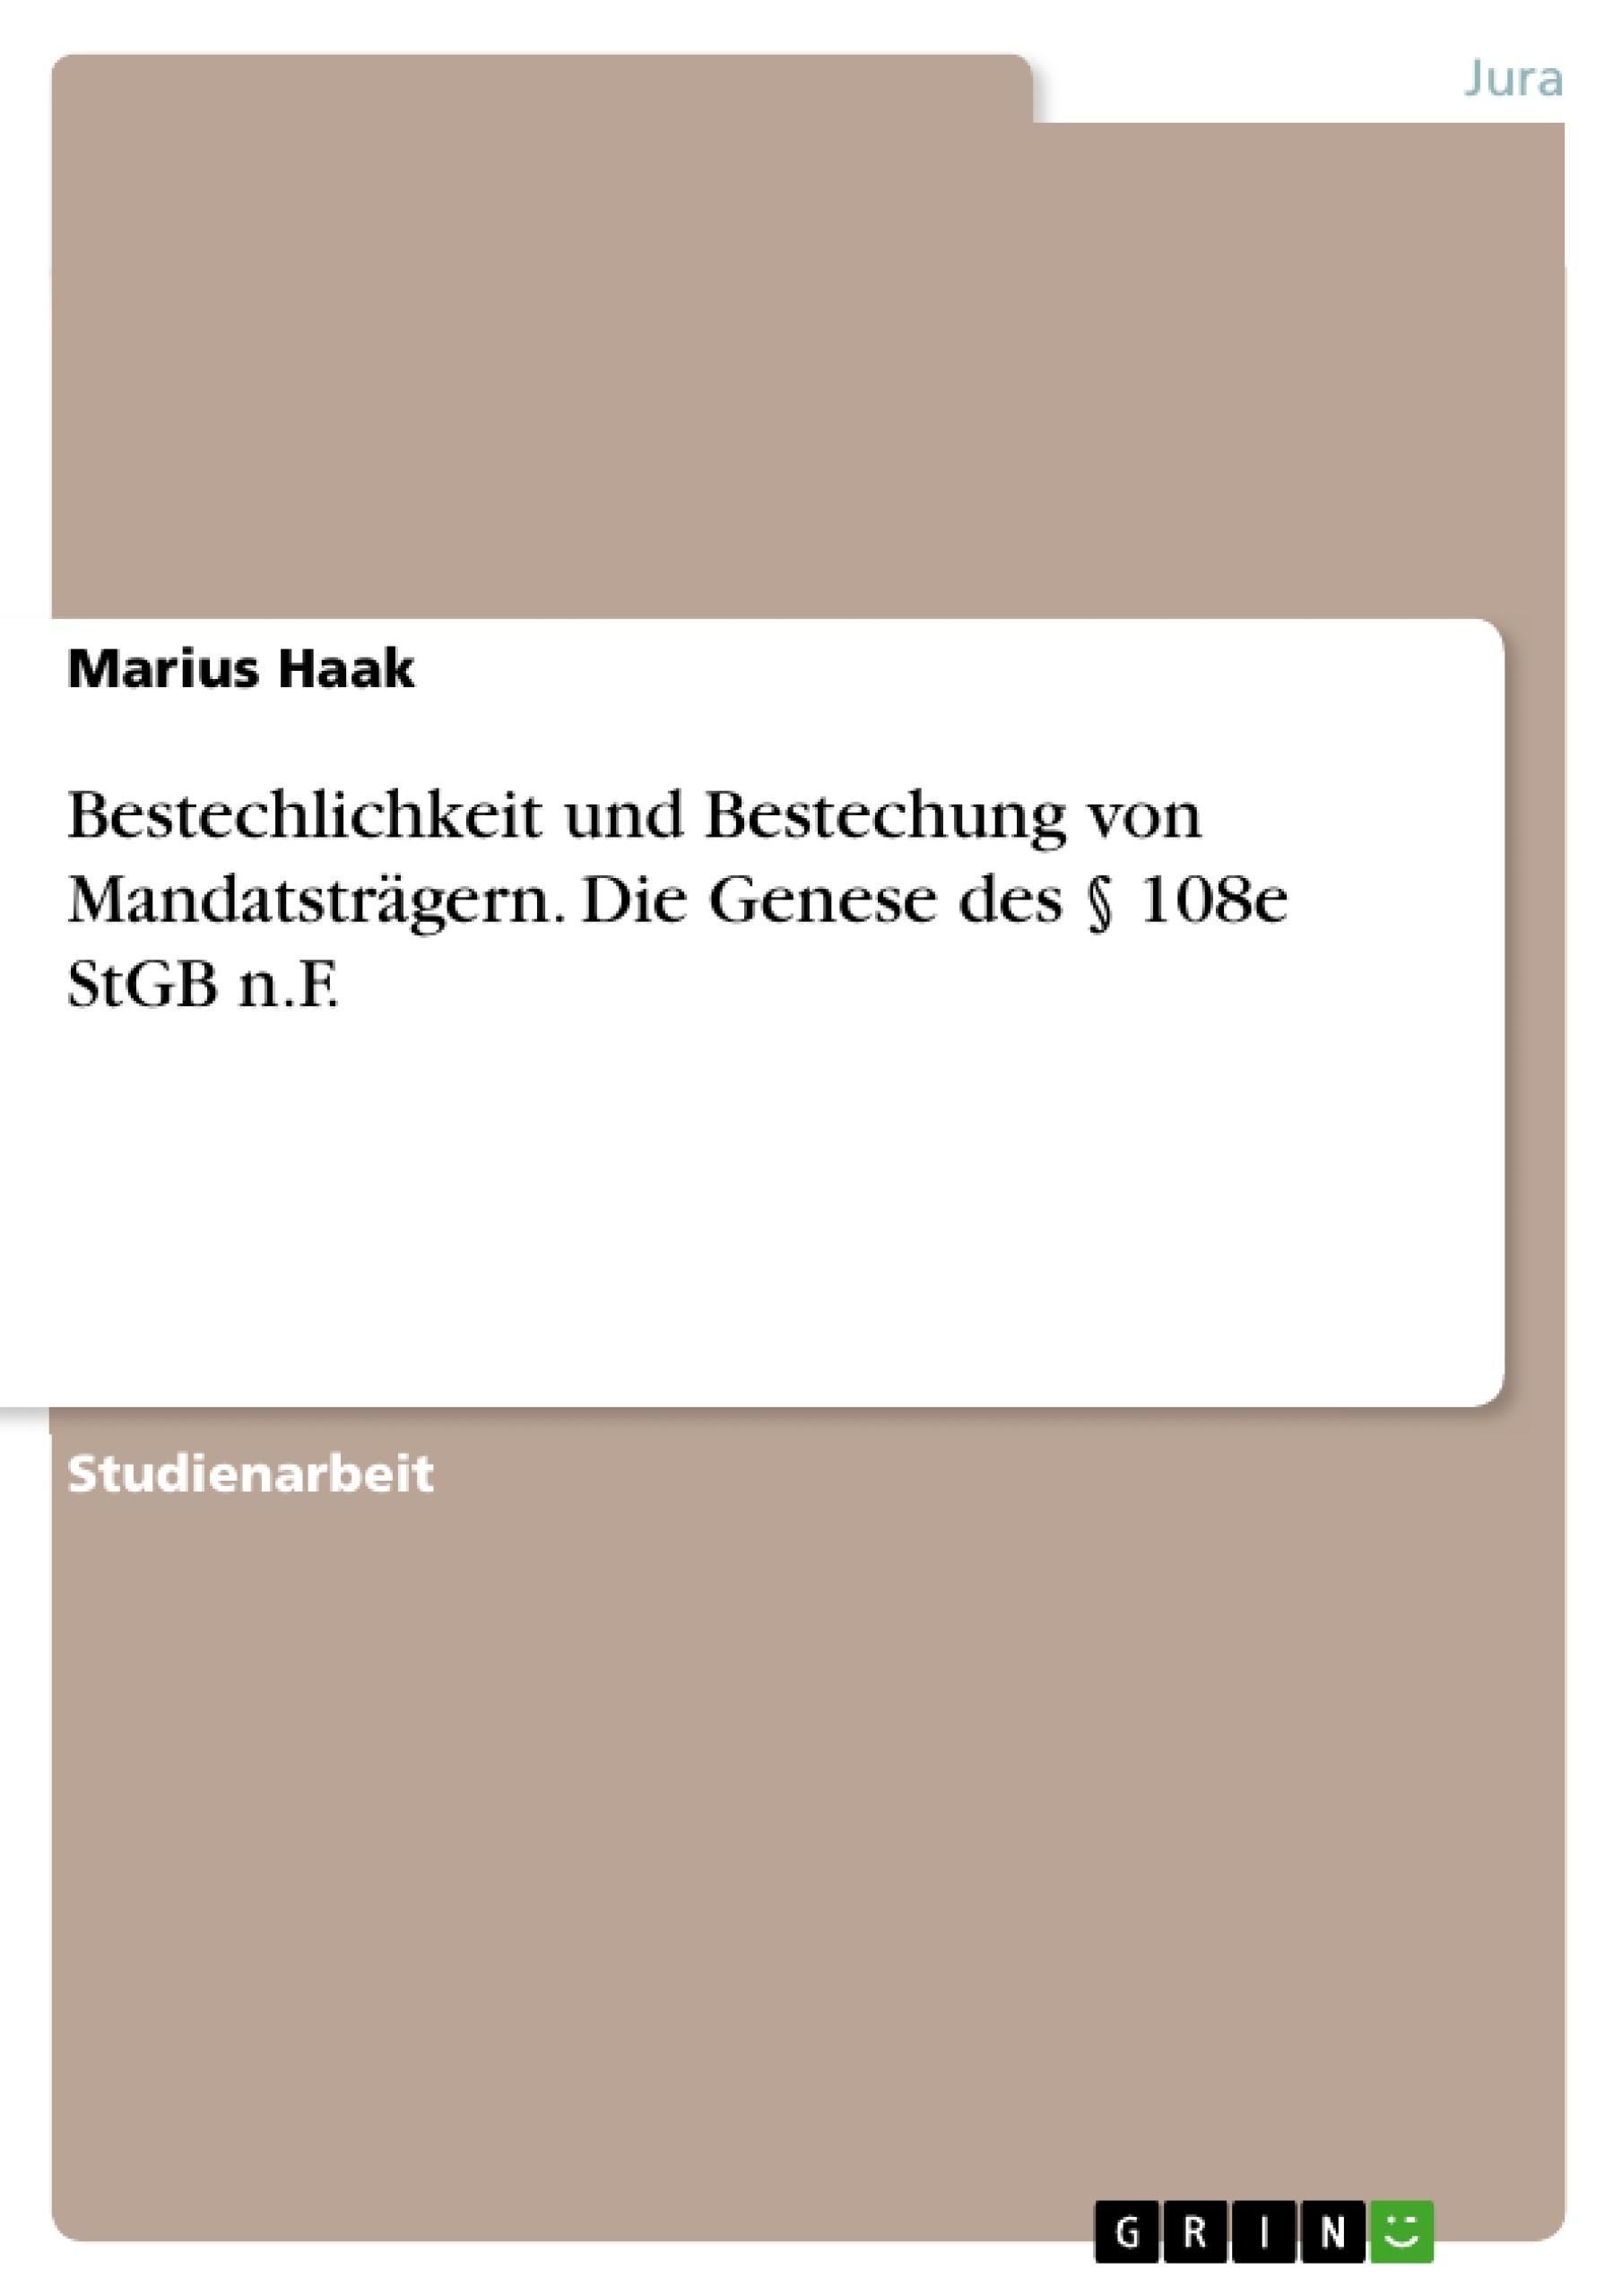 Titel: Bestechlichkeit und Bestechung von Mandatsträgern. Die Genese des § 108e StGB n.F.